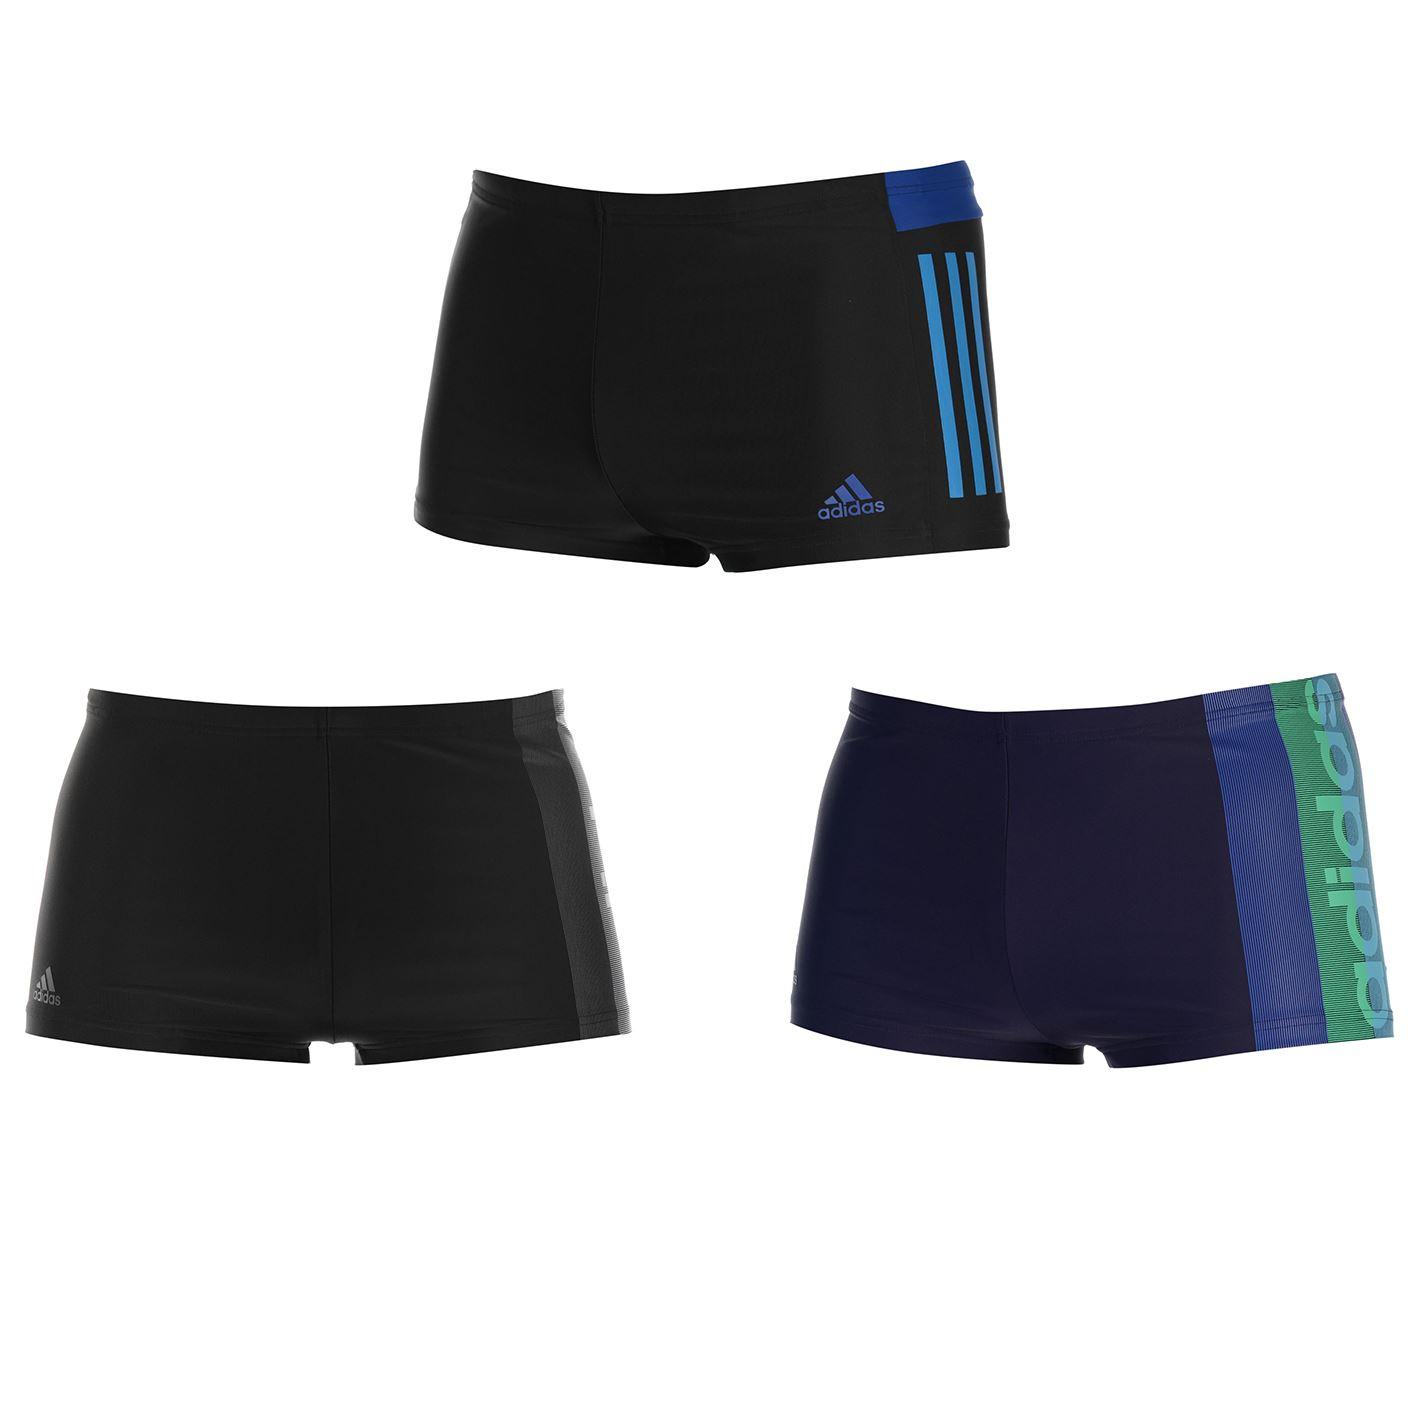 Détails sur Adidas Lignée Graphique Natation Boxer Hommes Slips Bas Maillot de Bain Xs Noir